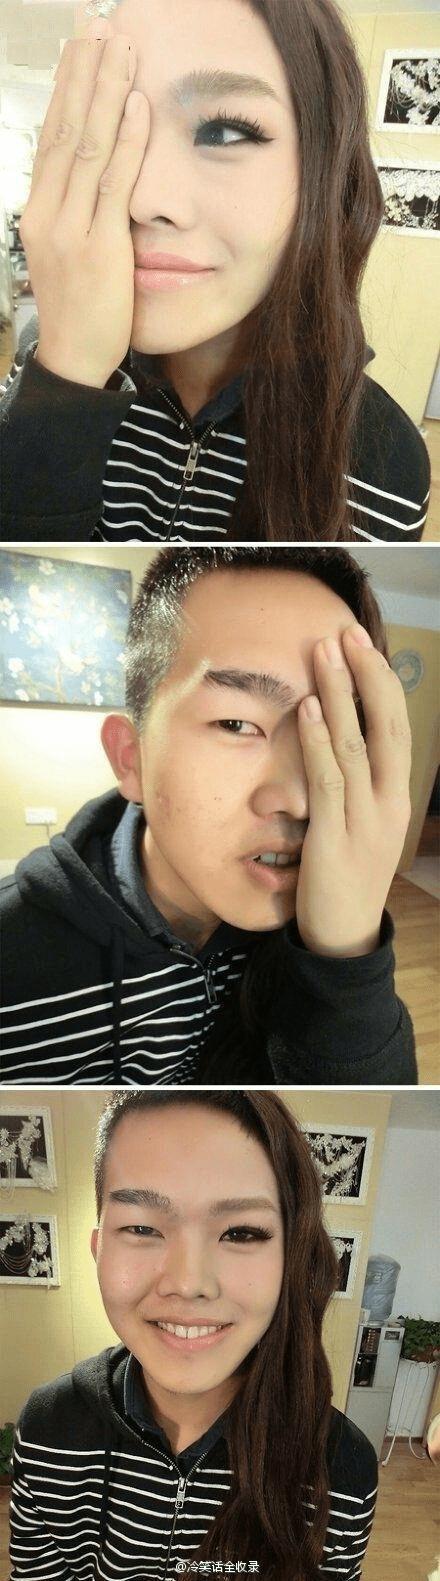 makeup,selfie